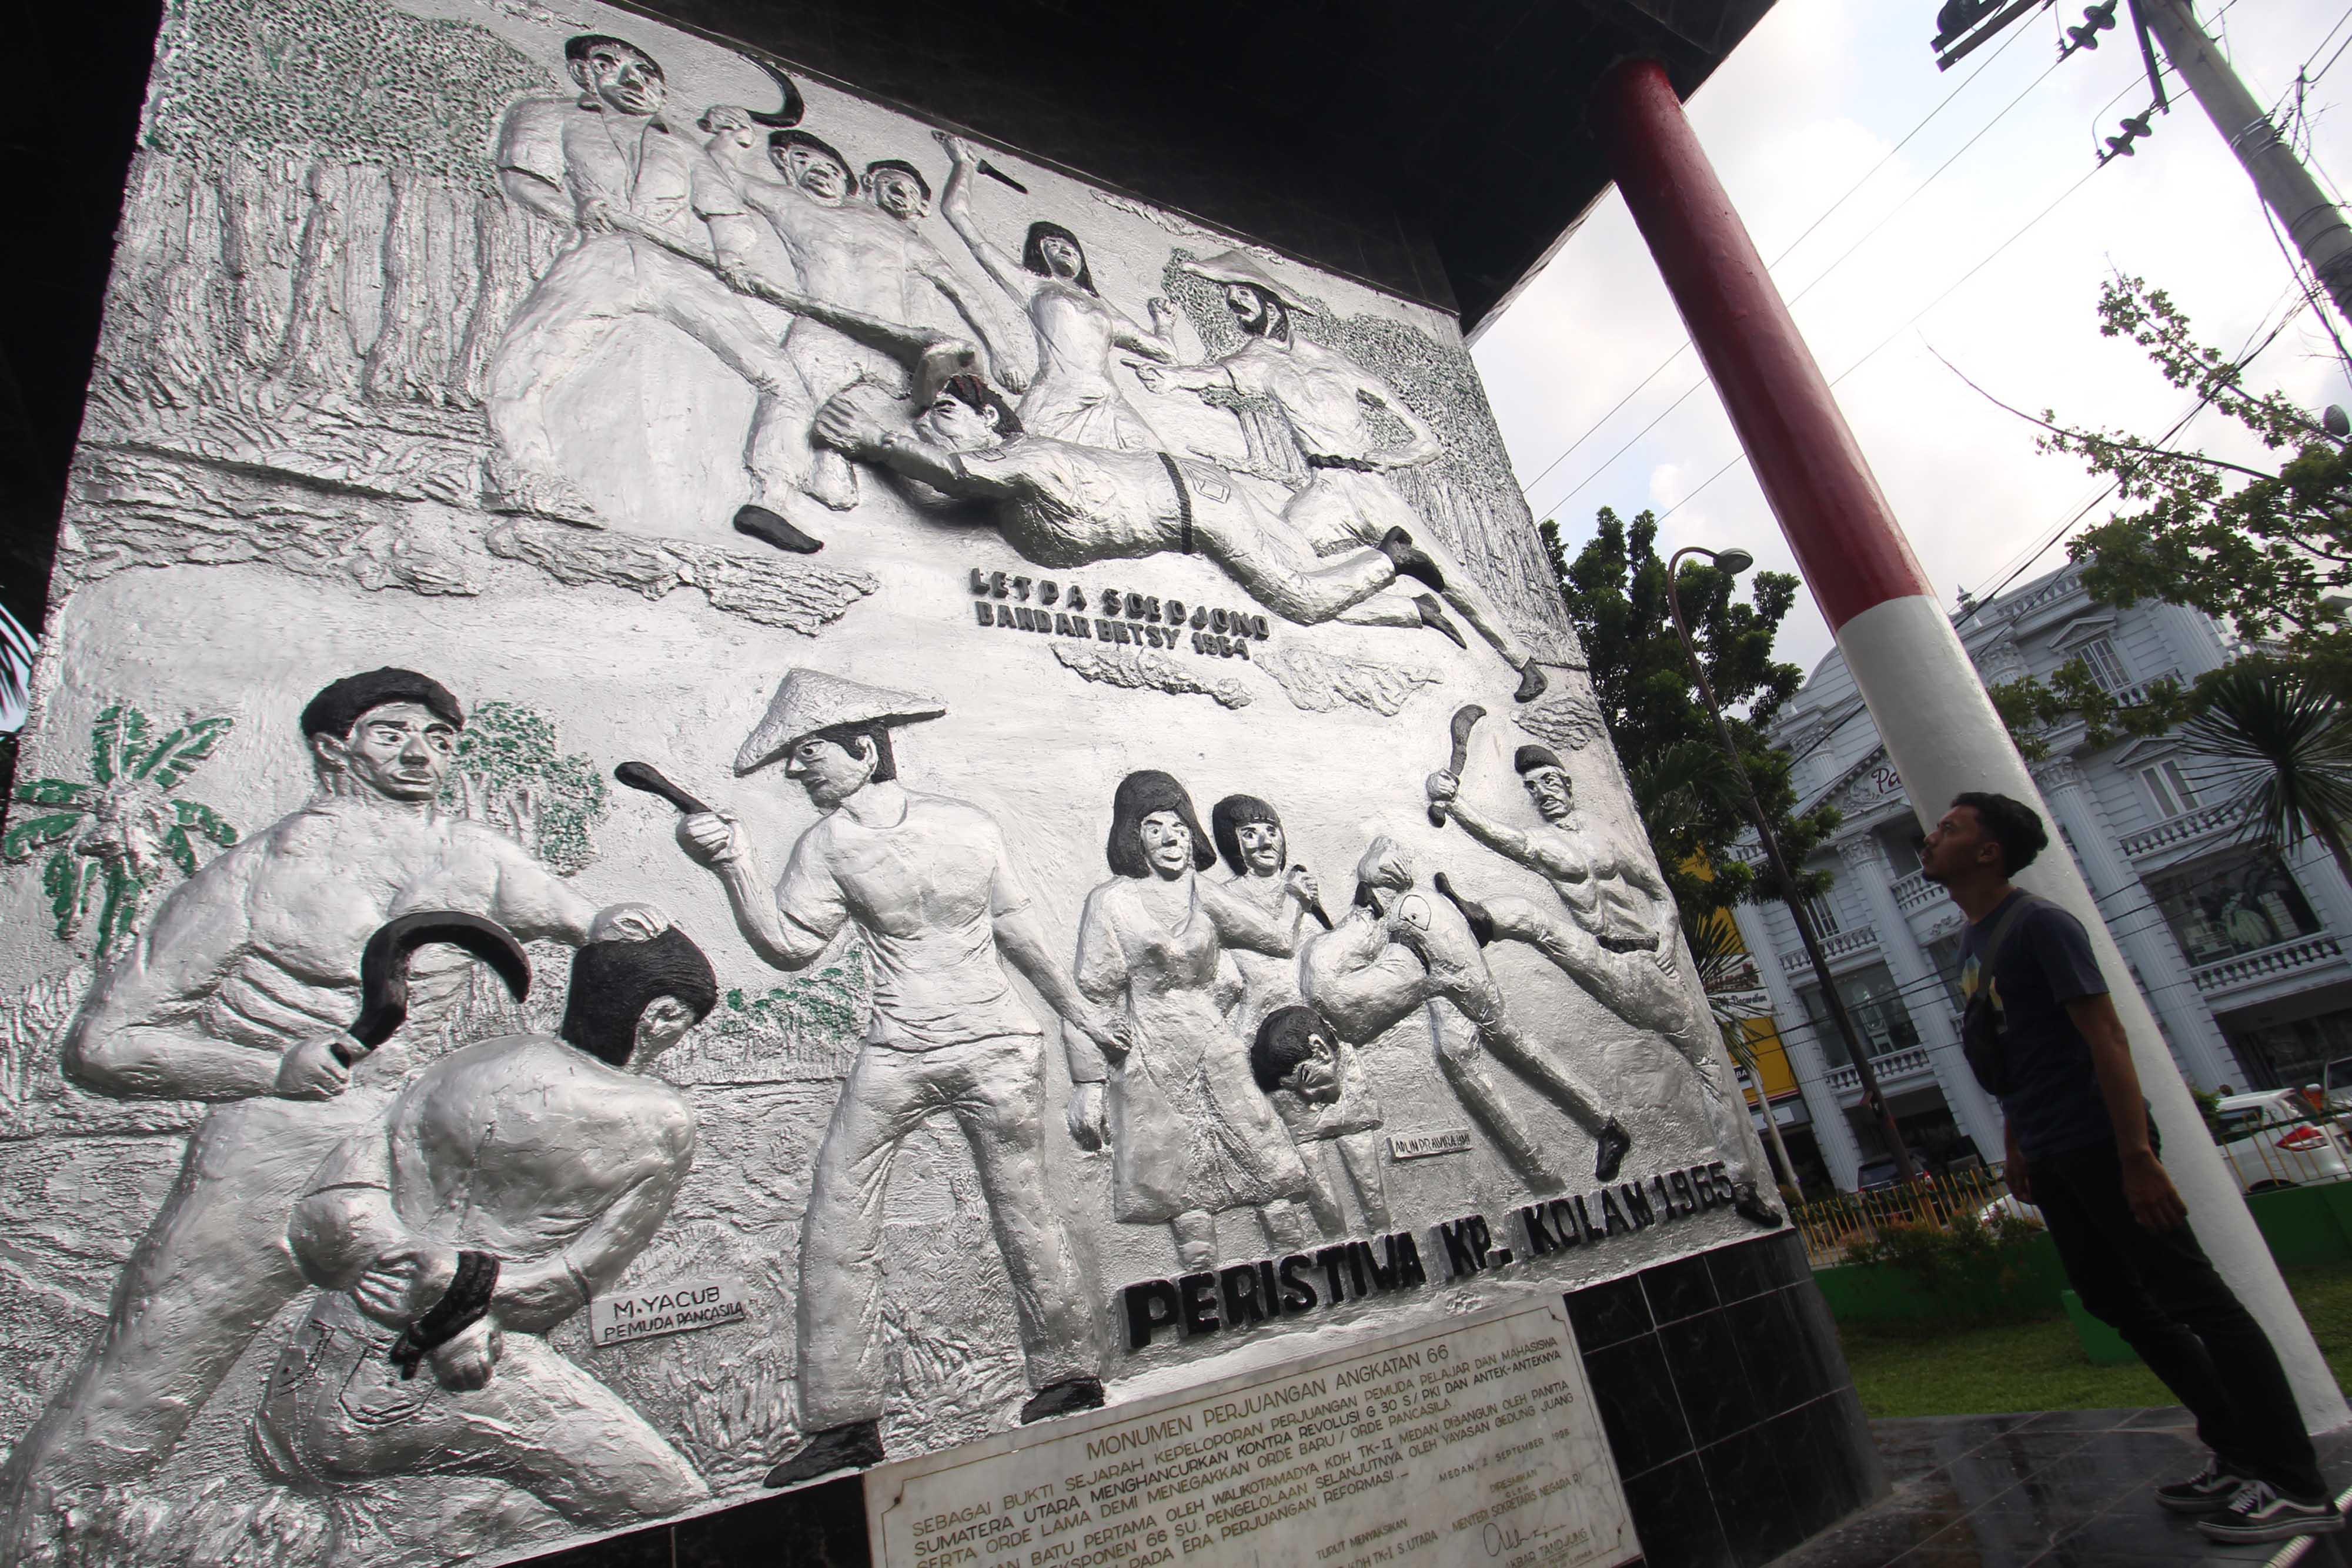 Monumen Perjuangan Angkatan 66 di Jalan Stasiun Medan, Sumatera Utara, berisi relief yang menggambarkan pemberontakan PKI di Bandar Betsy Simalungun dan Kampung Kolam Deli Serdang pada 1964 dan 1965. Foto oleh Septianda Perdana/Antara